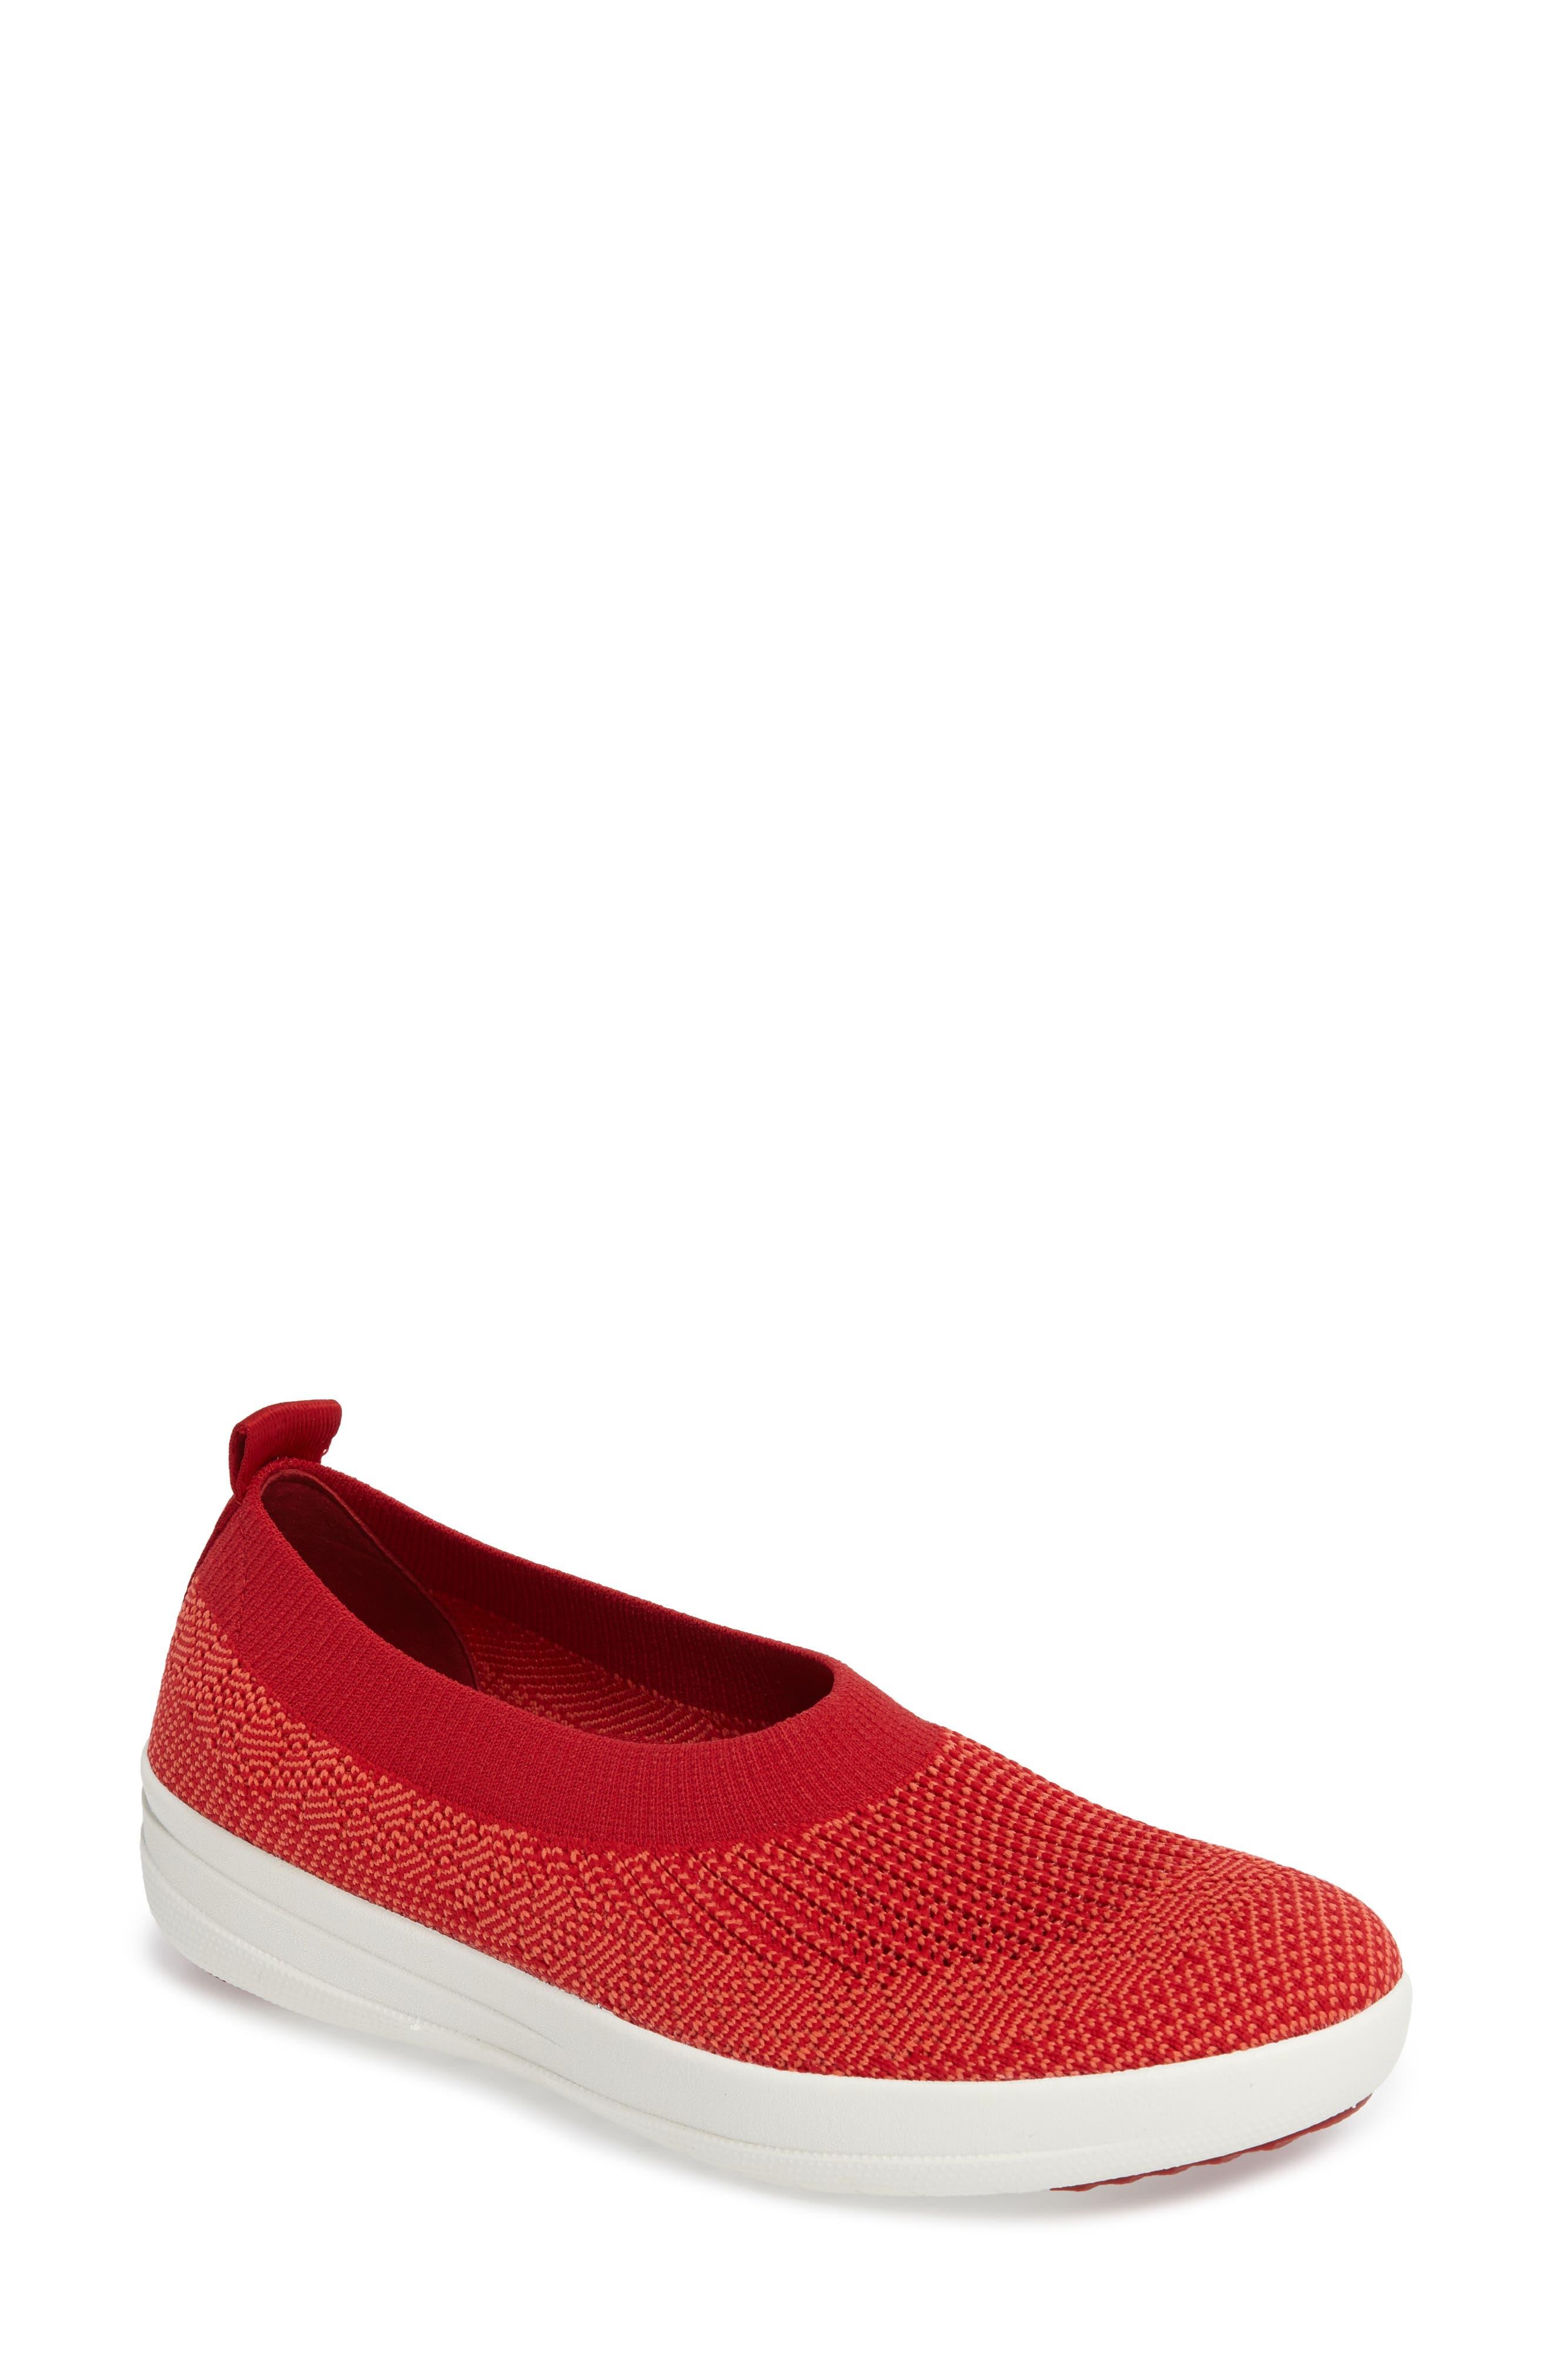 Main Image - FitFlop Uberknit Slip-On Sneaker (Women)